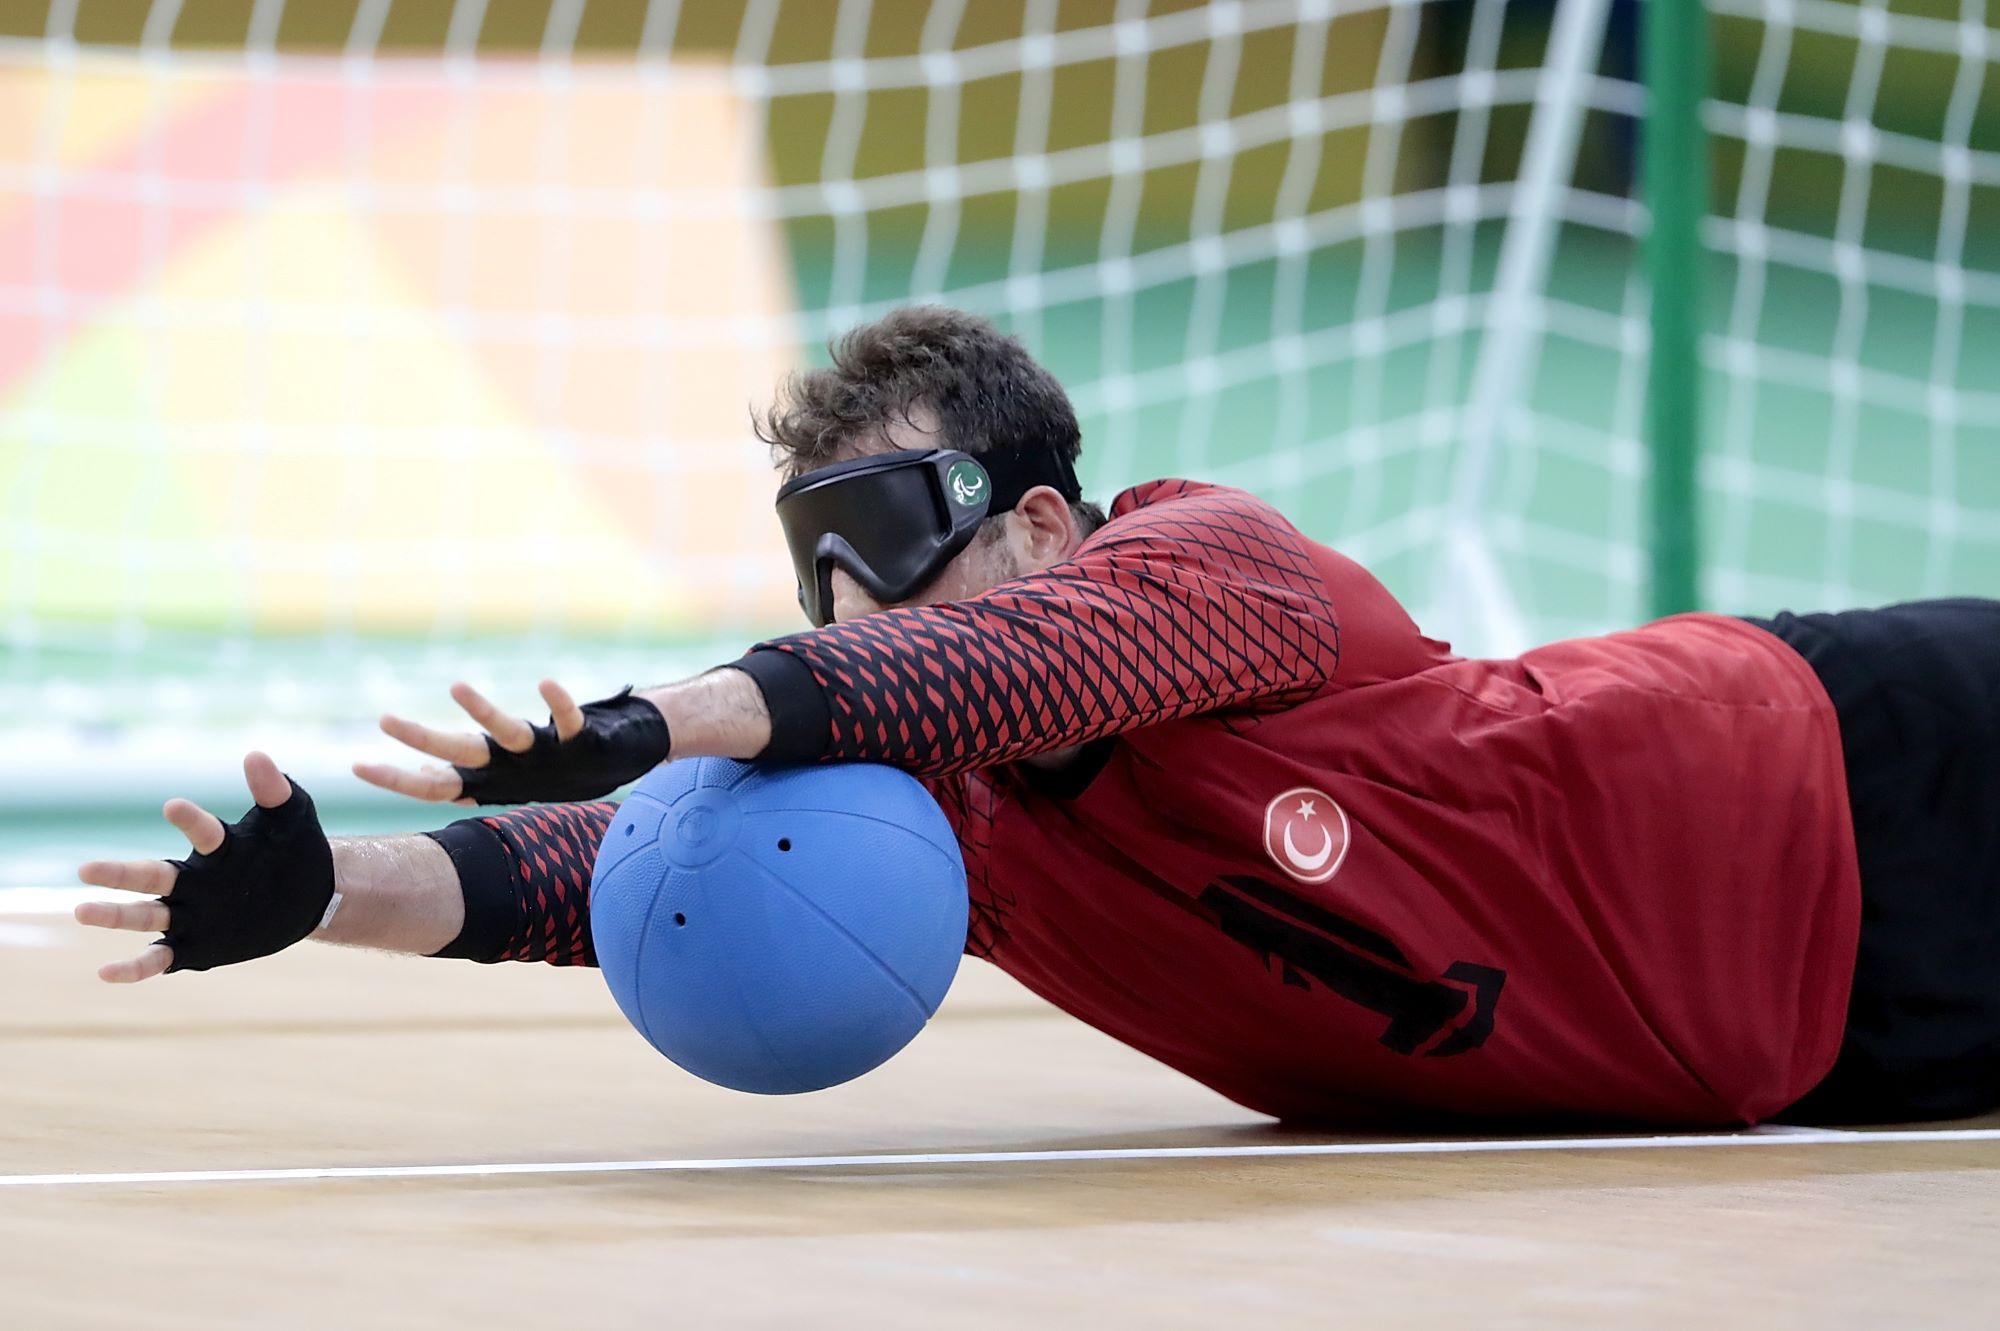 Un joueur de goalball arrête le ballon en se couchant au sol, les bras tendus